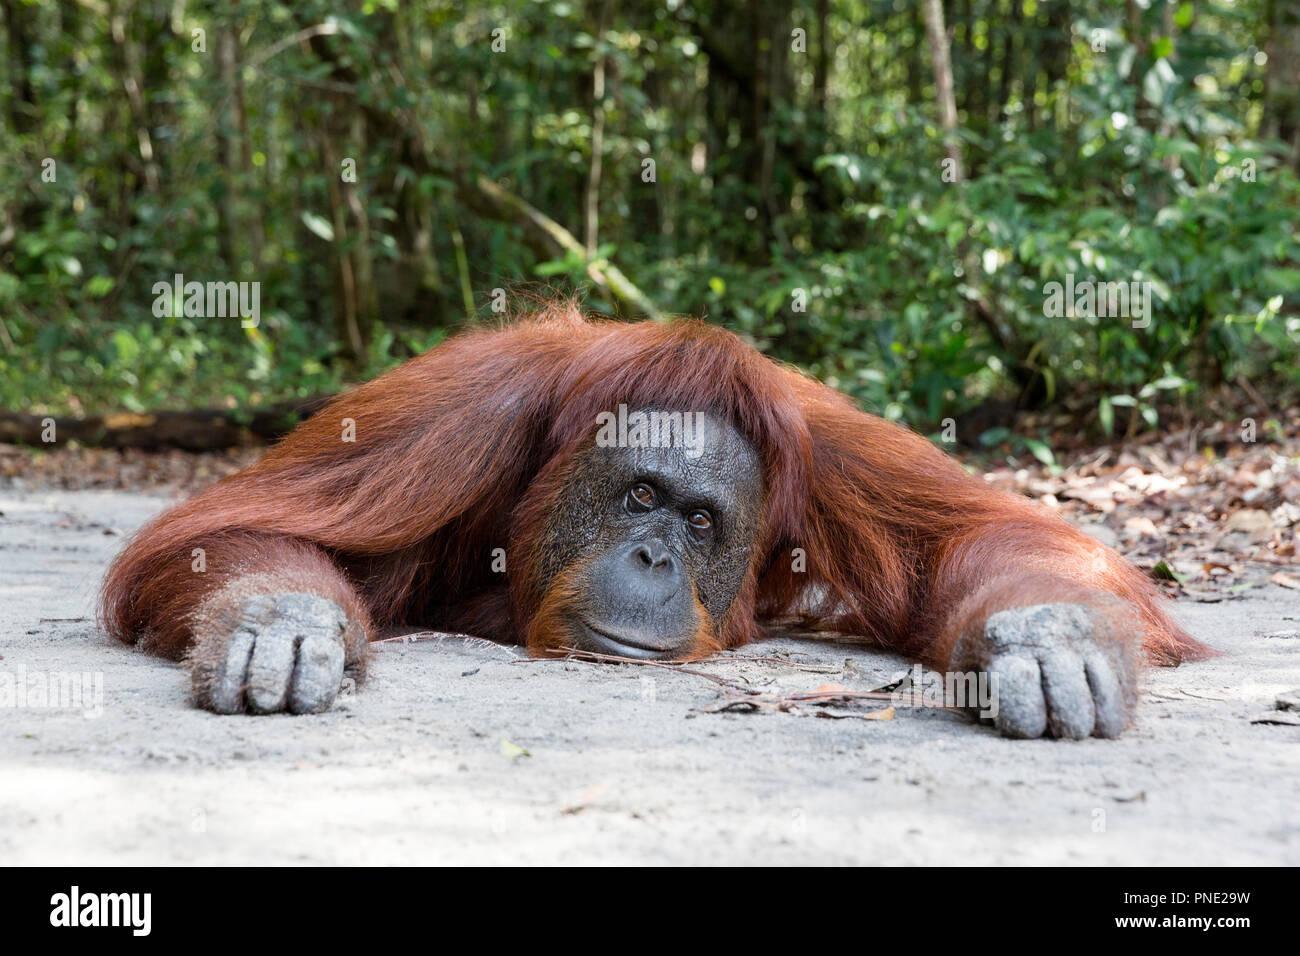 Femelle orang-outan, Pongo pygmaeus, au Camp Leakey, Bornéo, Indonésie. Photo Stock